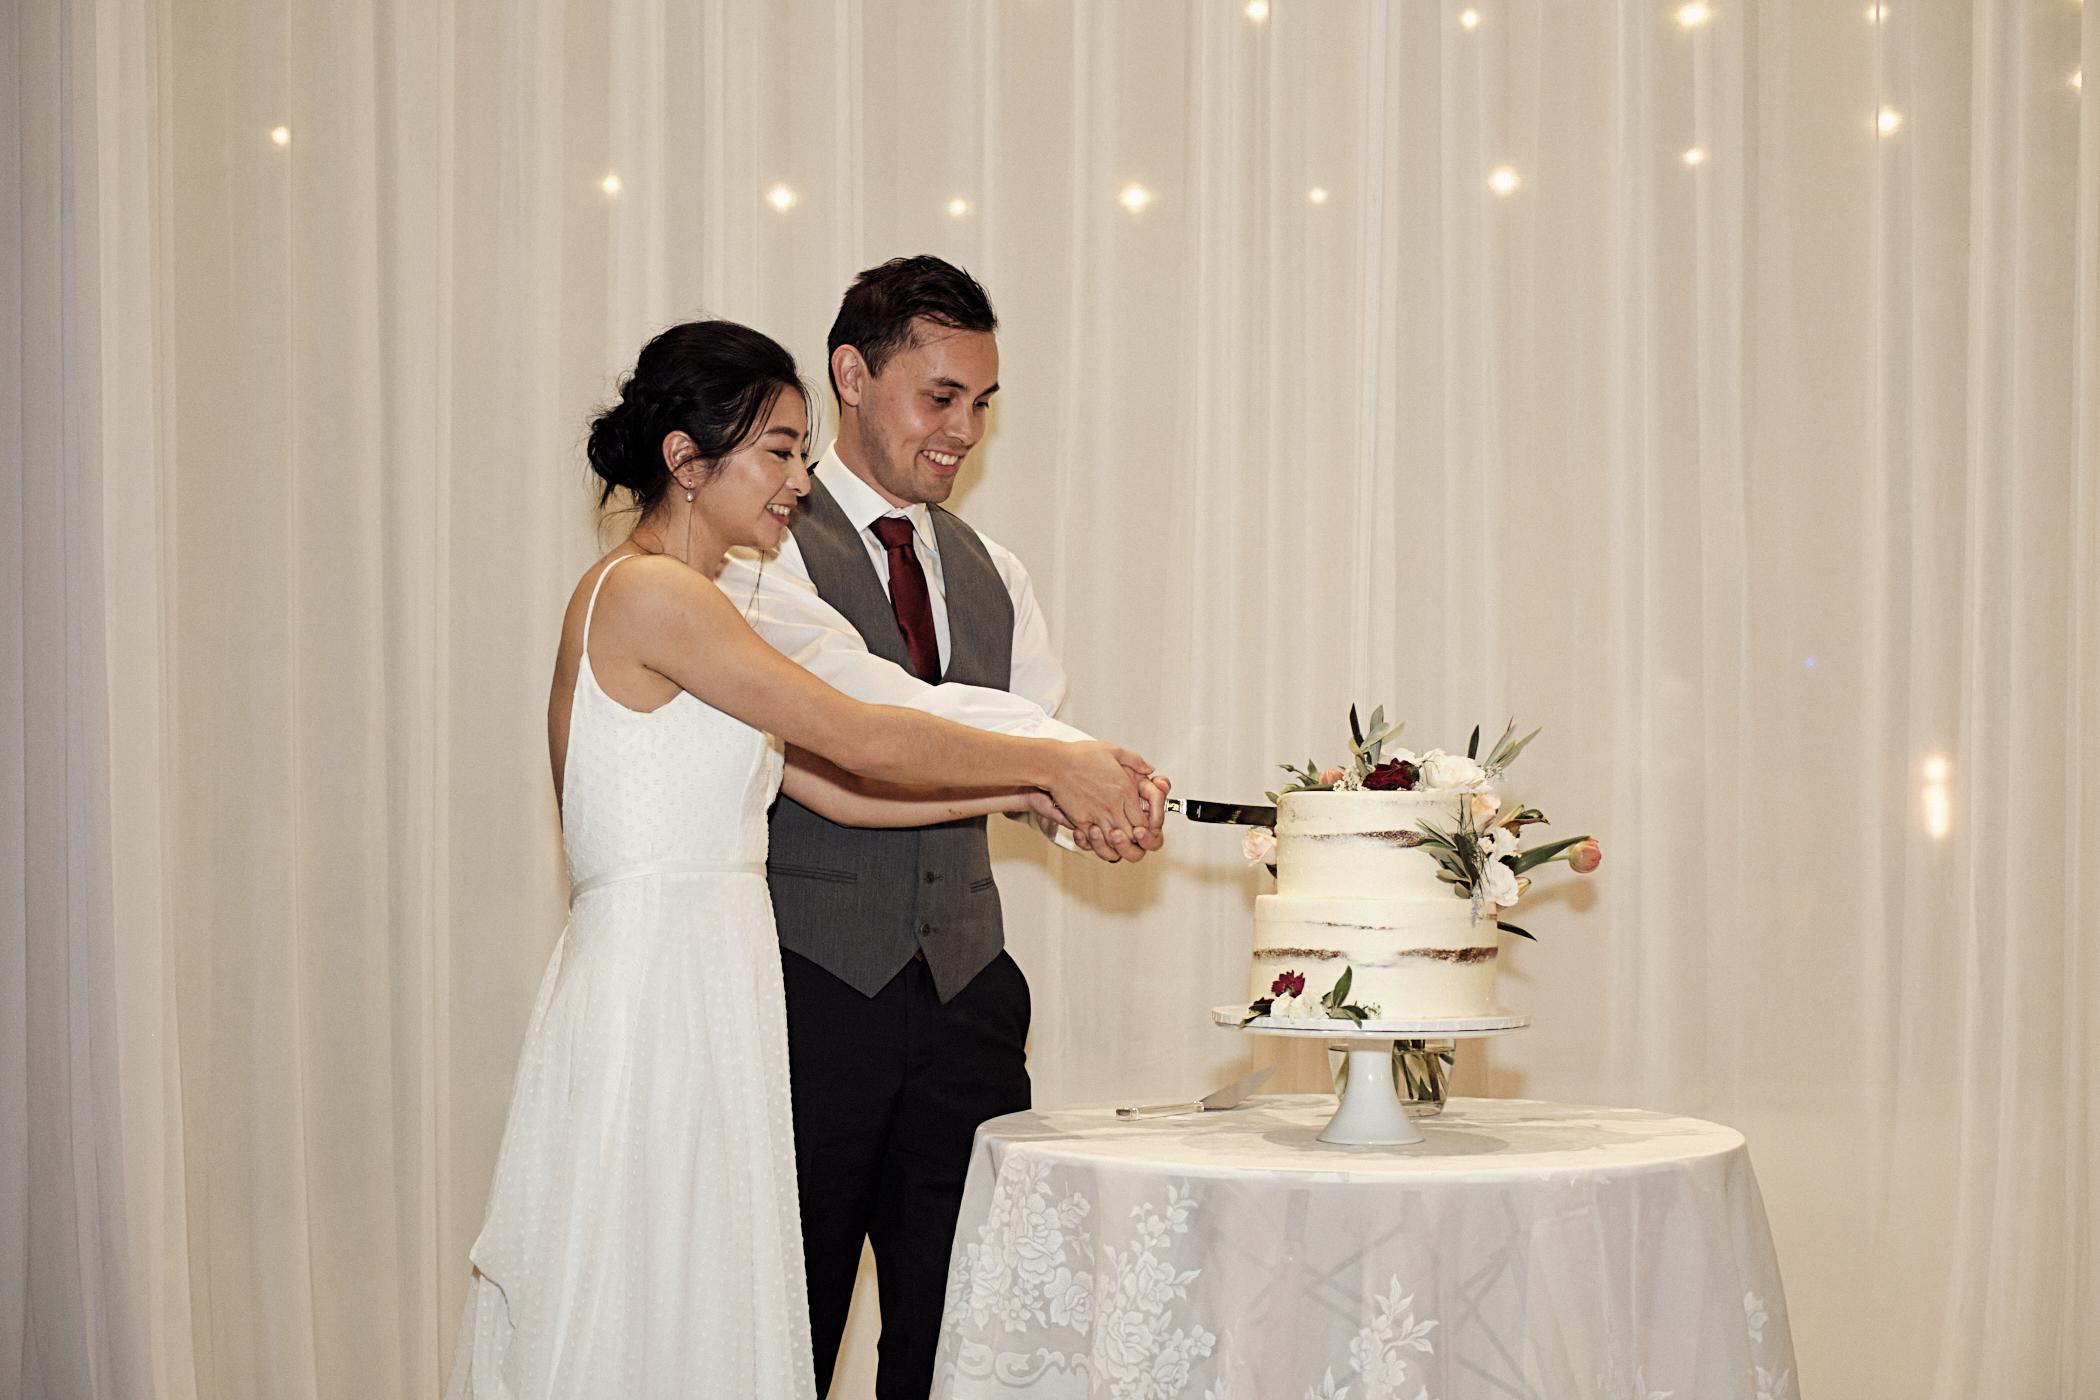 wedding photography 89393